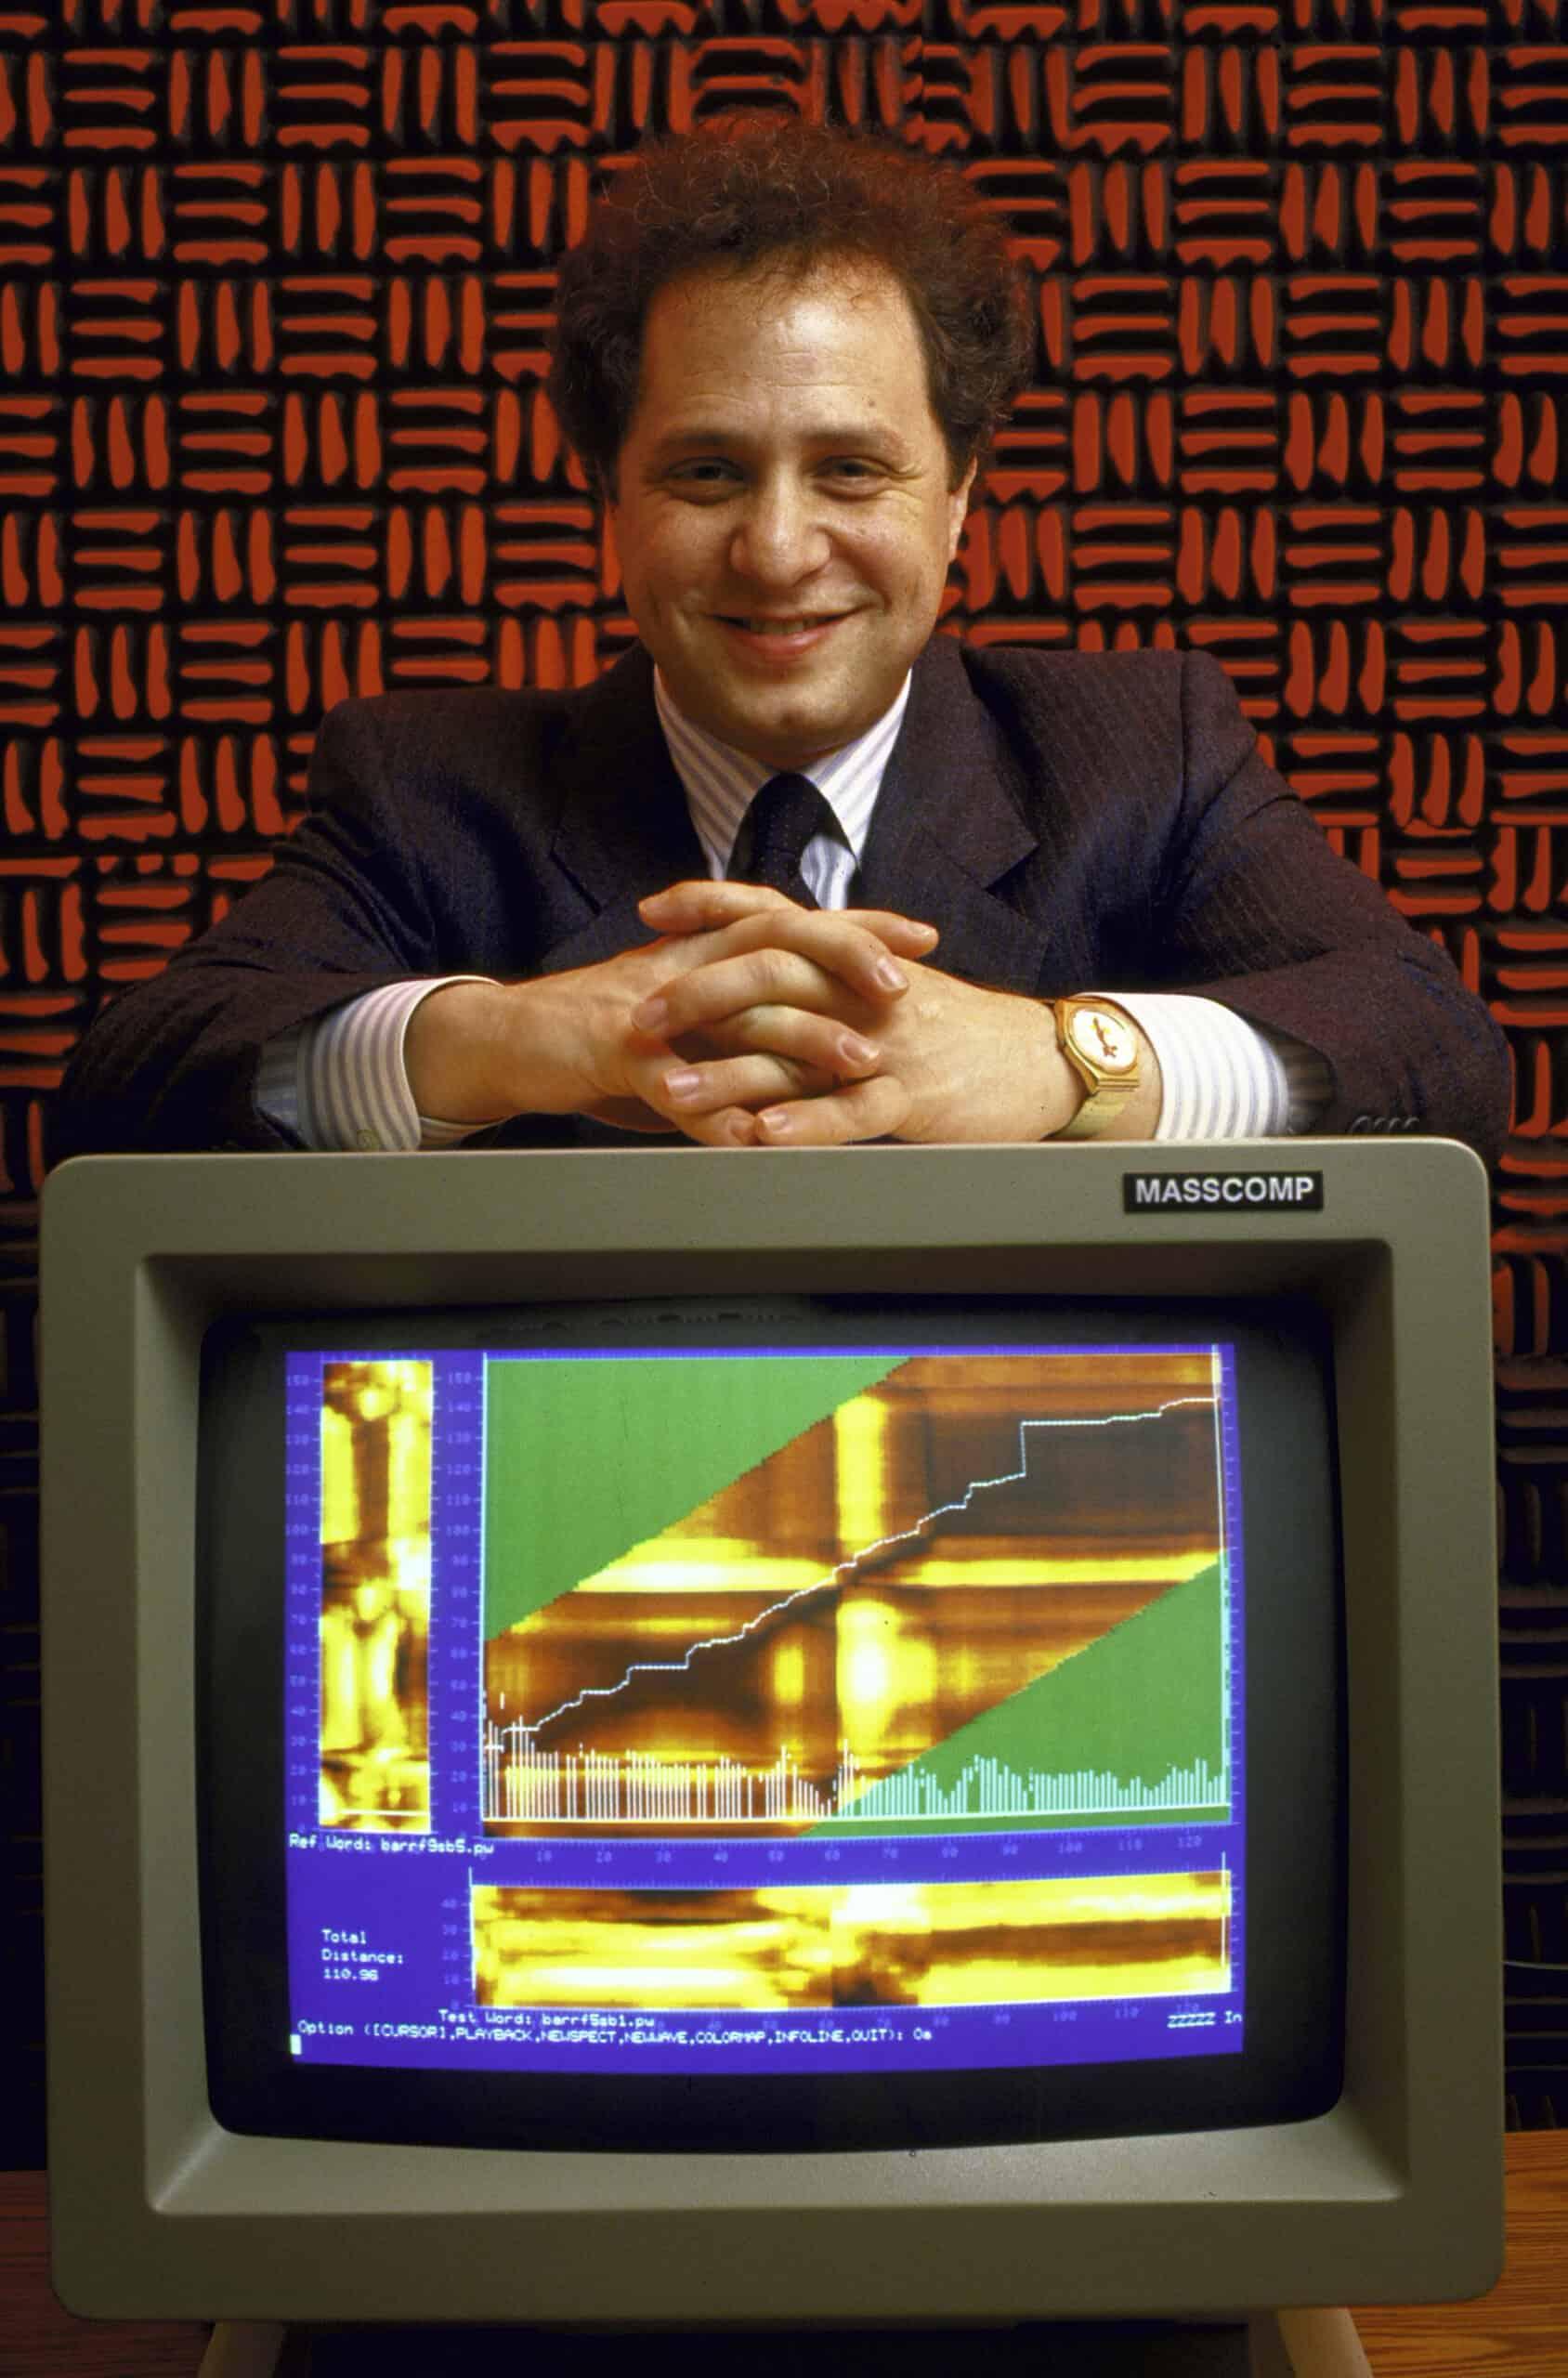 Курцвейл с программным обеспечением, разработанным его компанией, которое отображало речевой паттерн